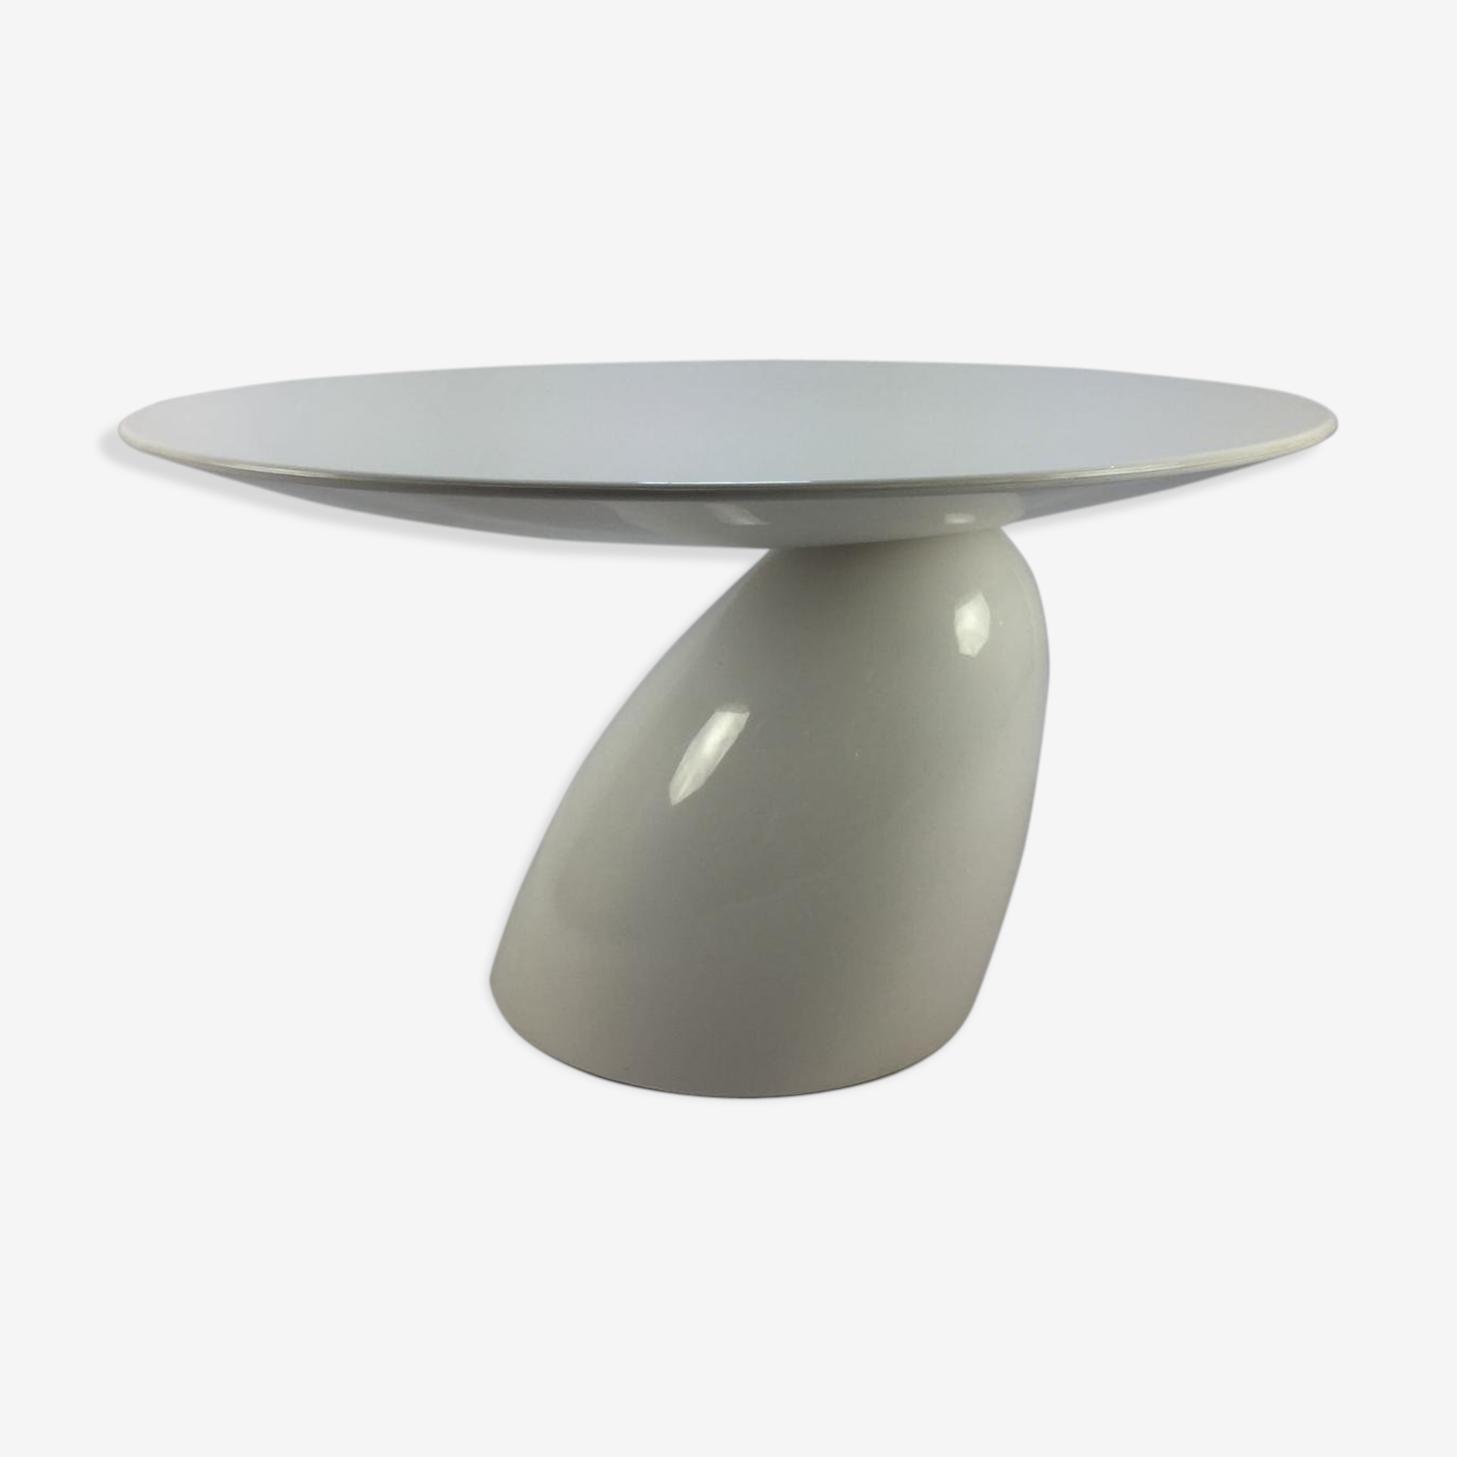 Table de salle à manger ronde parabole par Eero Aarnio, 2004